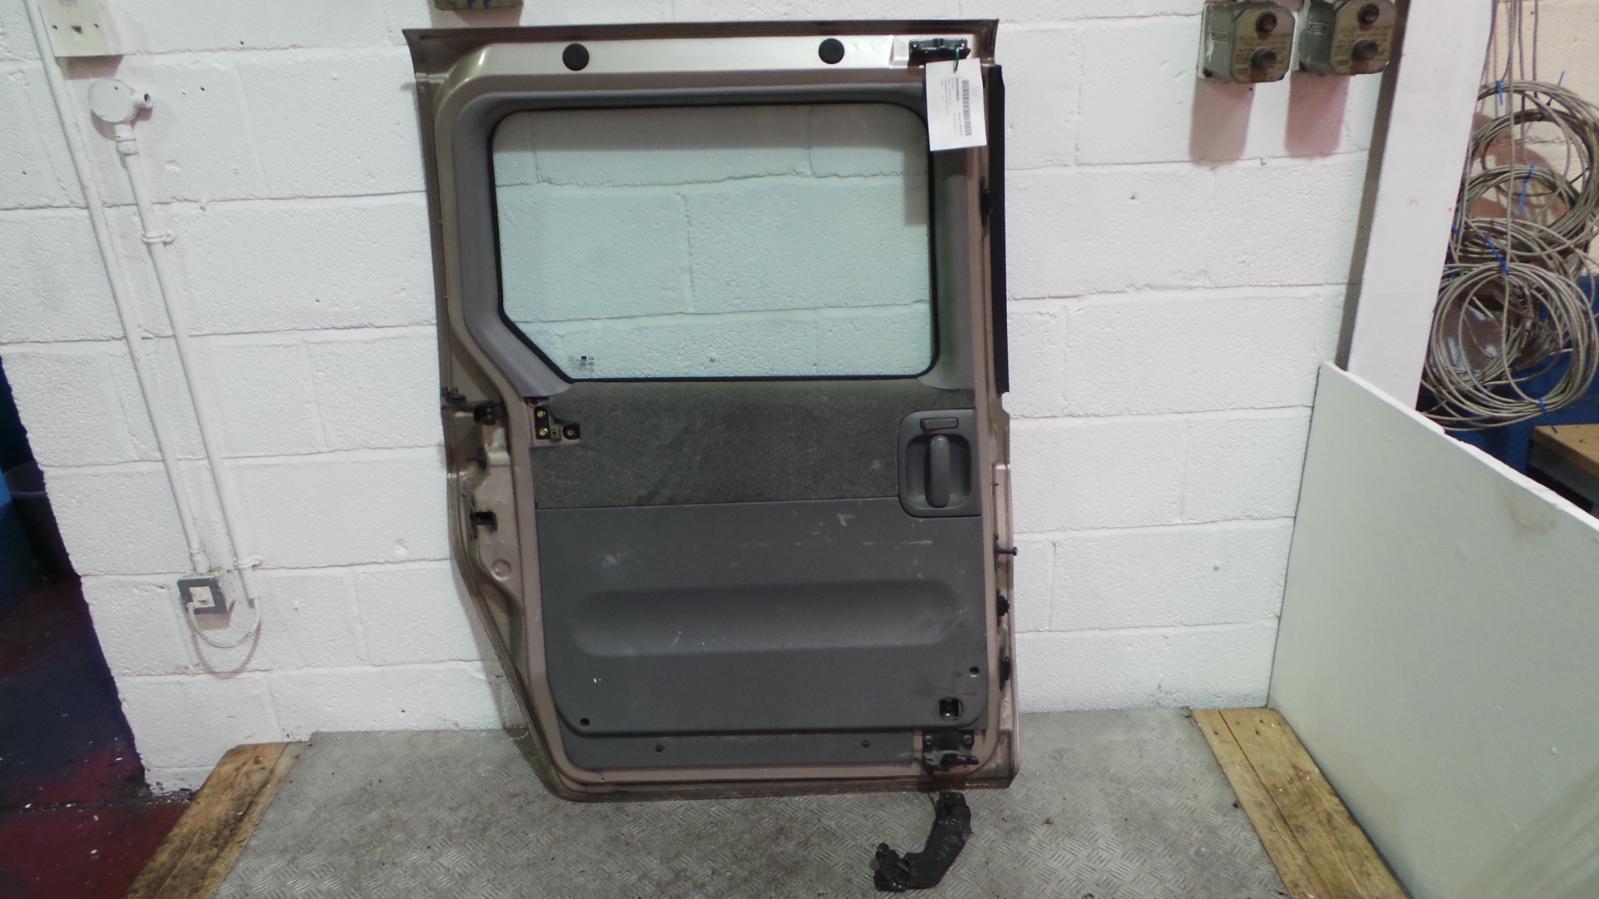 2003 Kia Sedona Door Handle